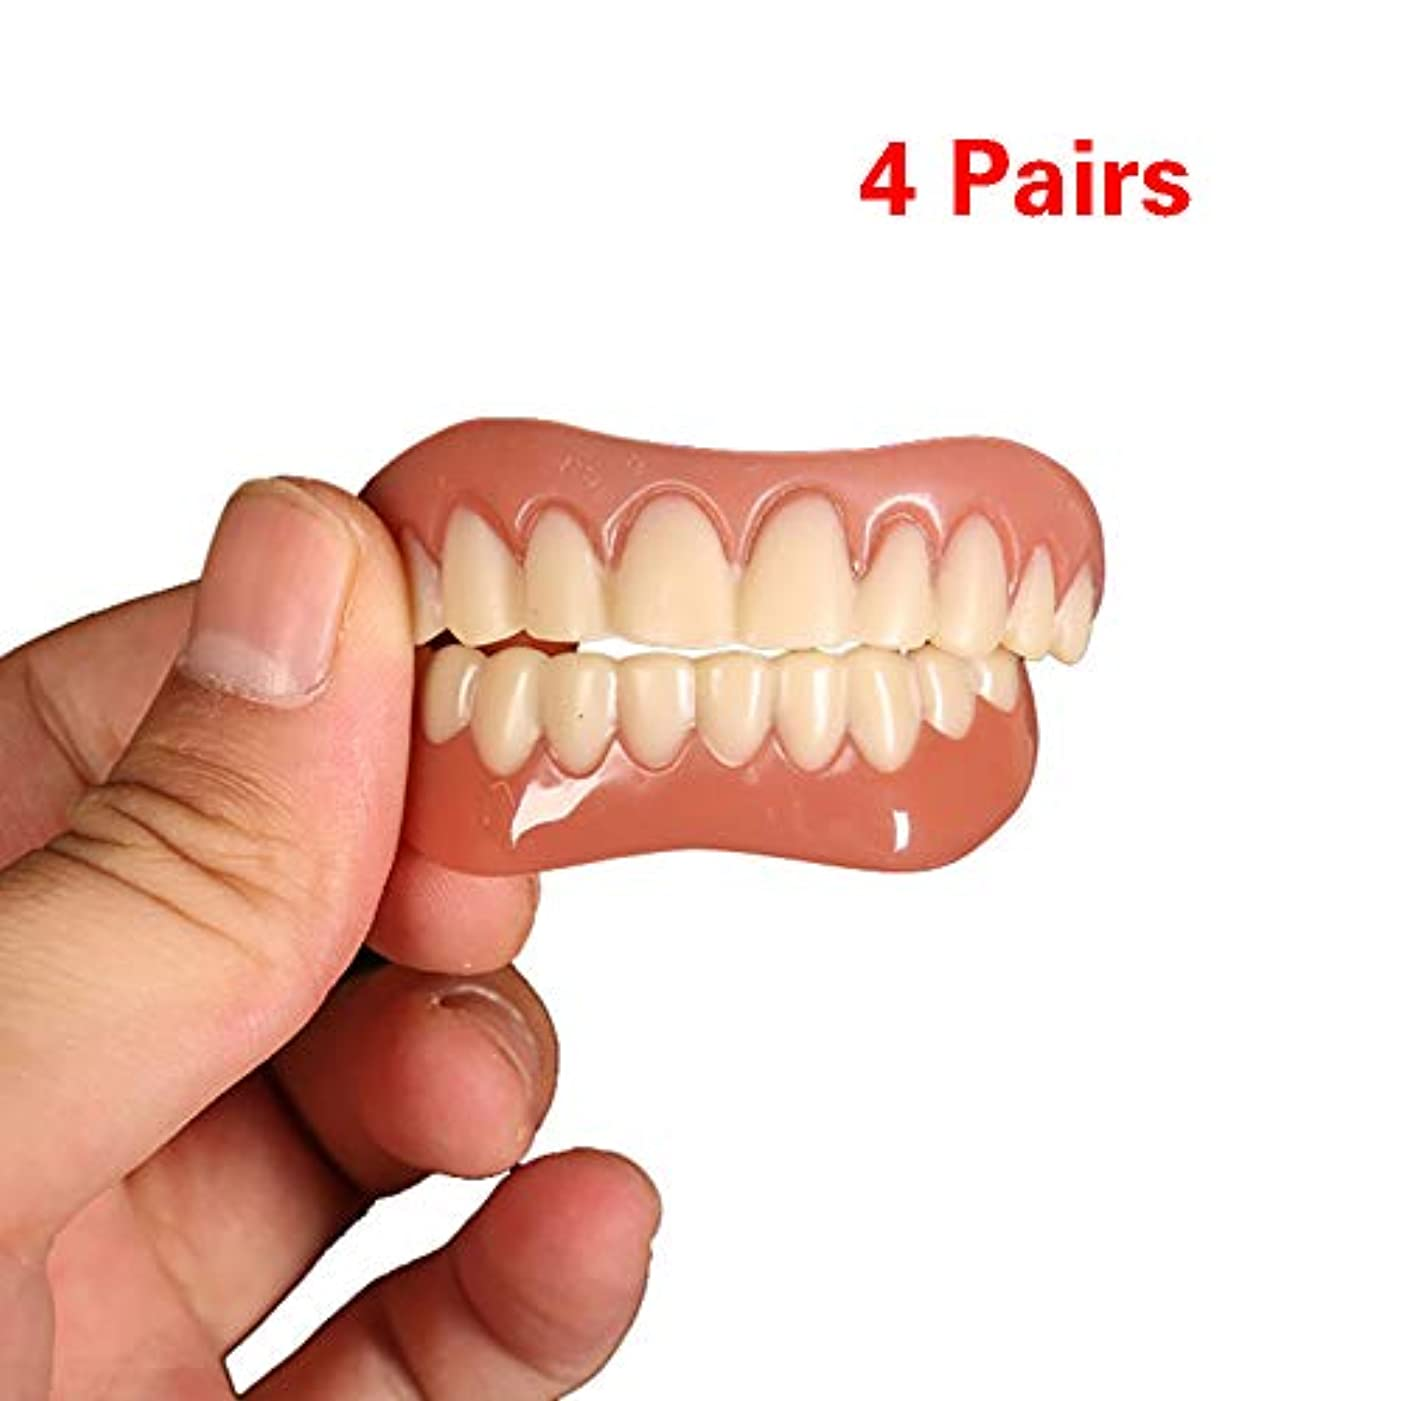 所属見捨てる眼歯の快適さフィットフレックス化粧品の歯義歯歯の上+下化粧品のベニヤシミュレーションブレース